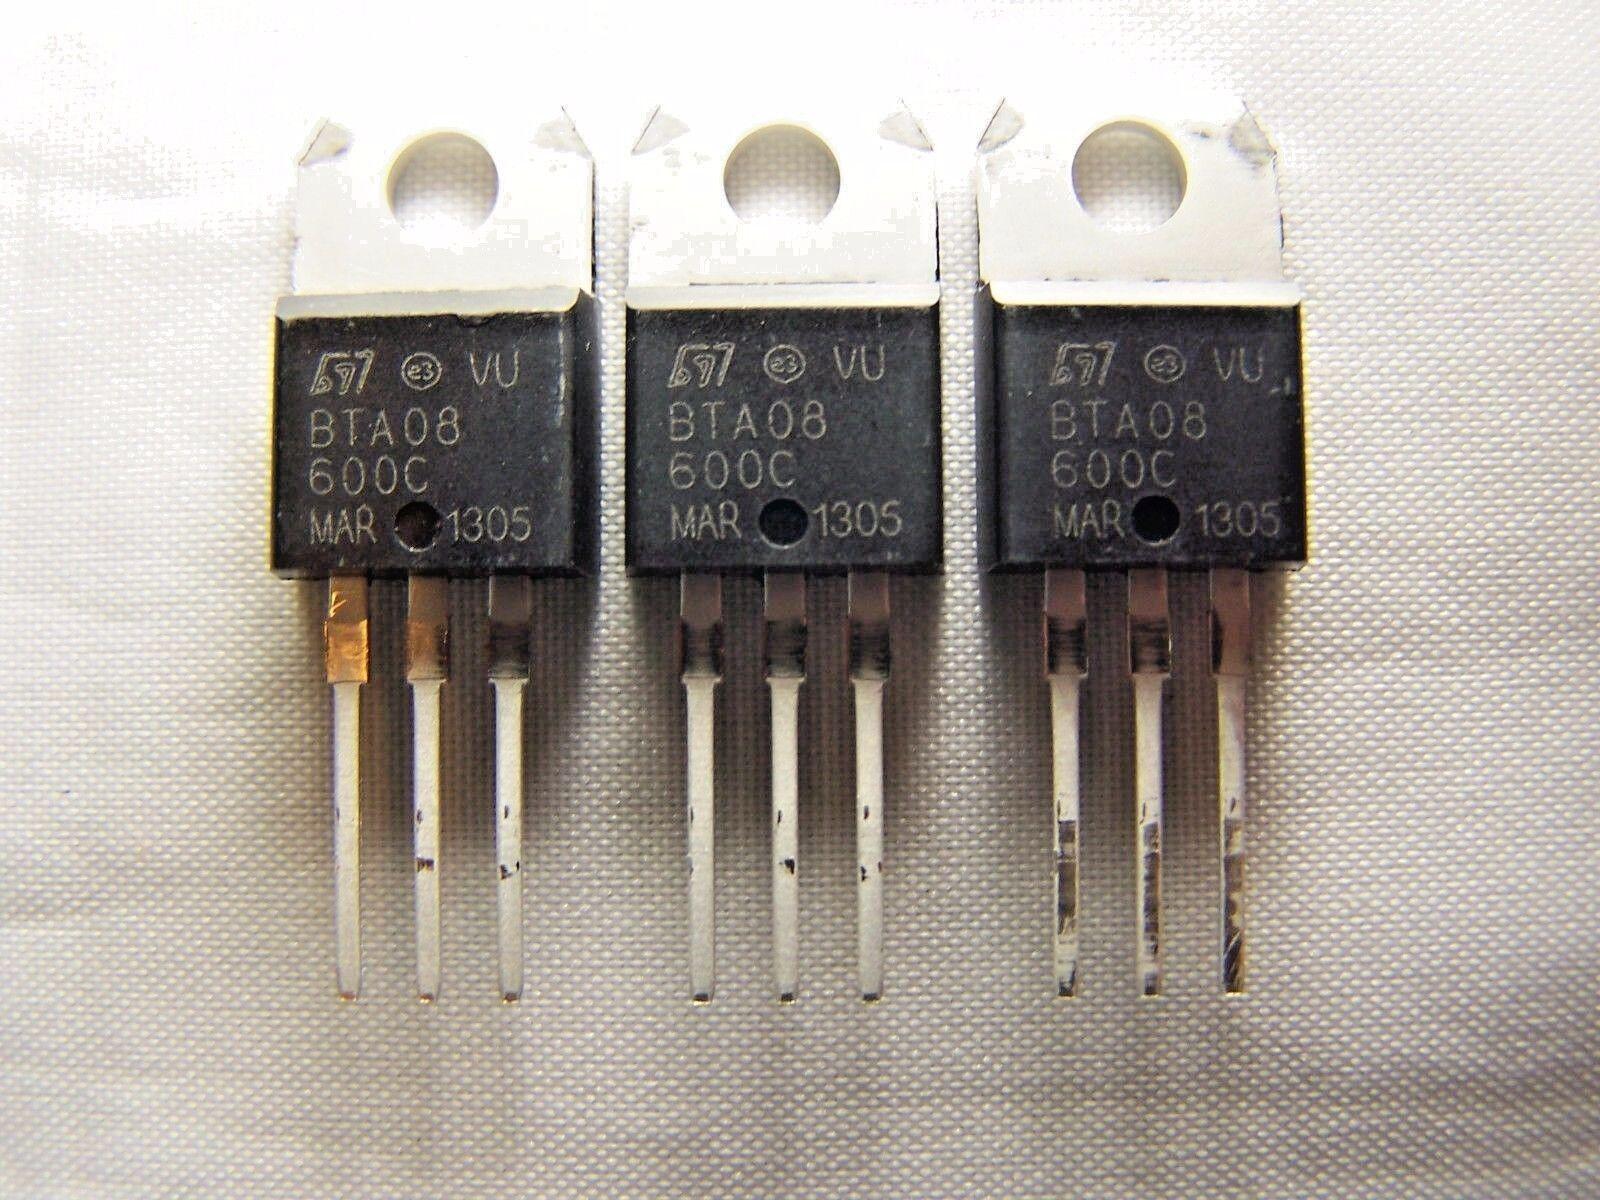 100 pieces STMICROELECTRONICS BTB08-600BRG TRIAC TO-220AB 600V 8A